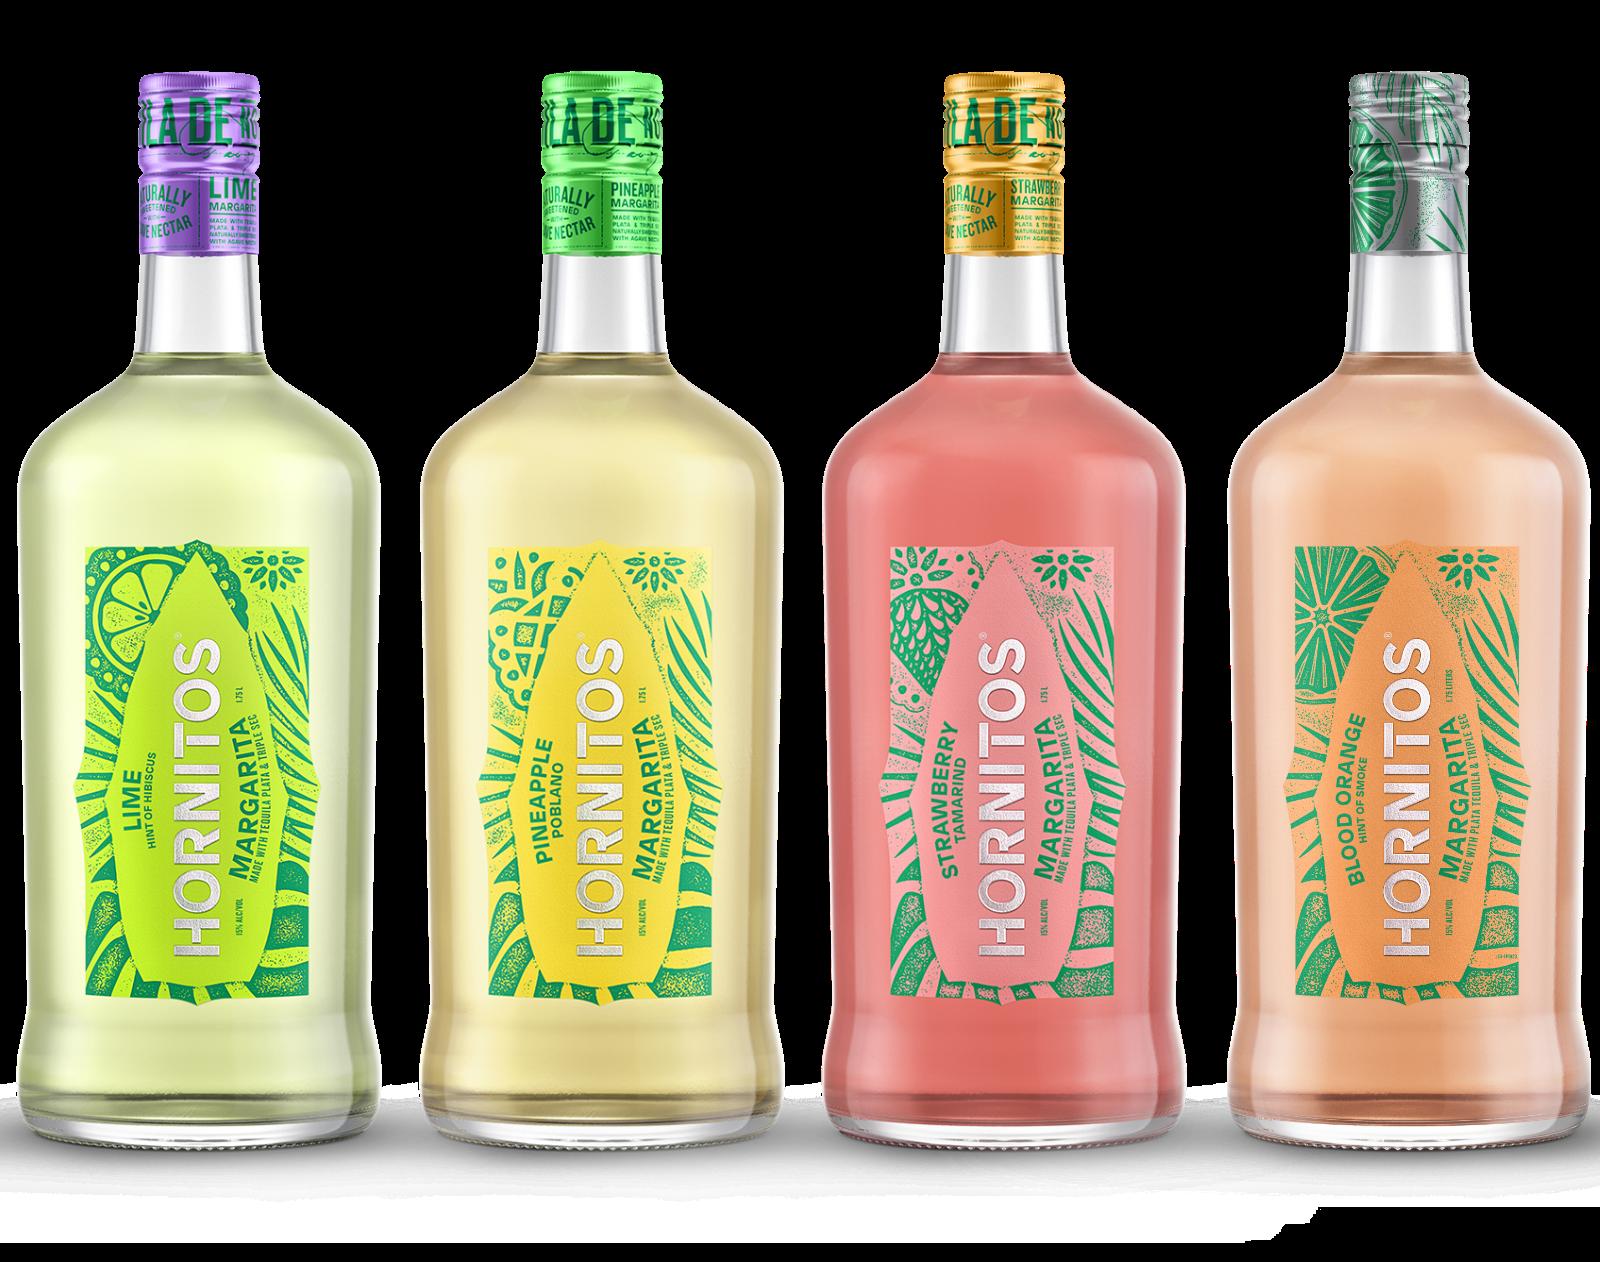 bottle-margaritas-standing